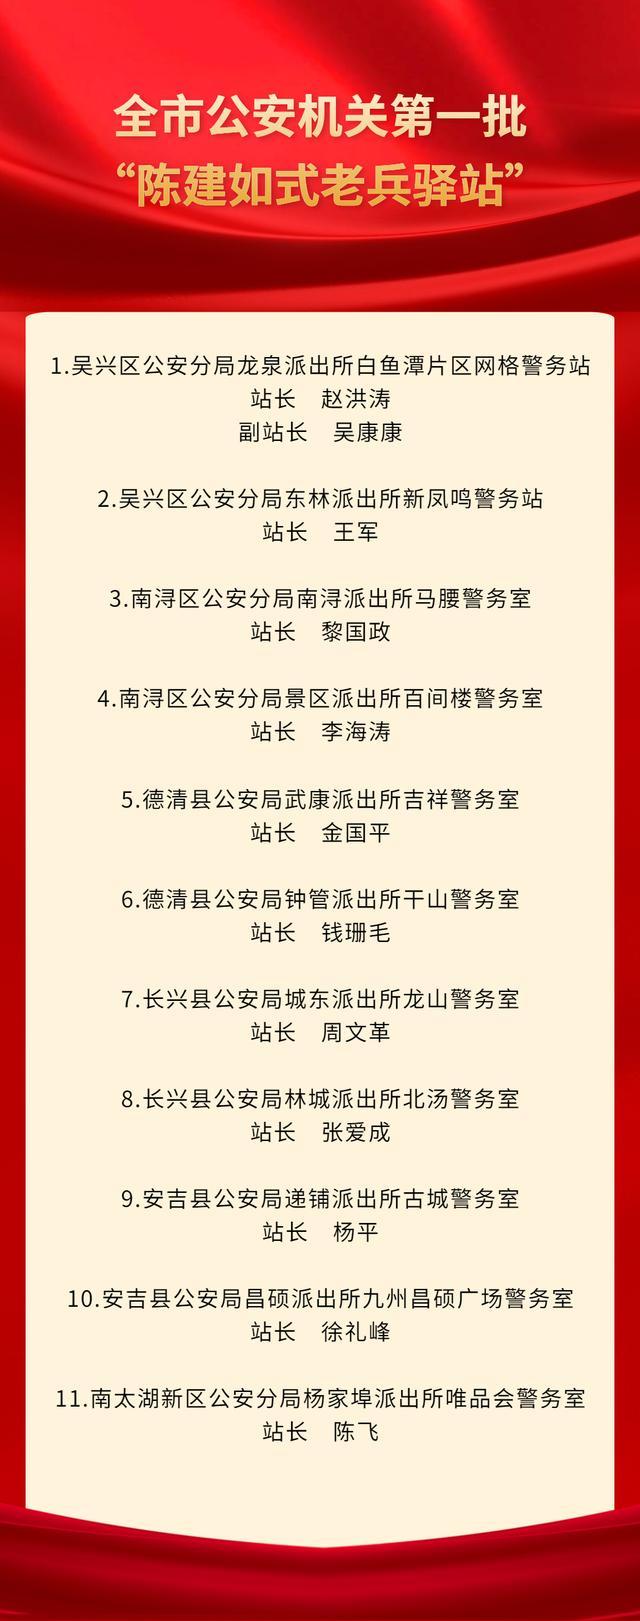 """【政务头条】首批11个""""陈建如式老兵驿站""""火热出炉!夏文星出席揭牌仪式并讲话"""